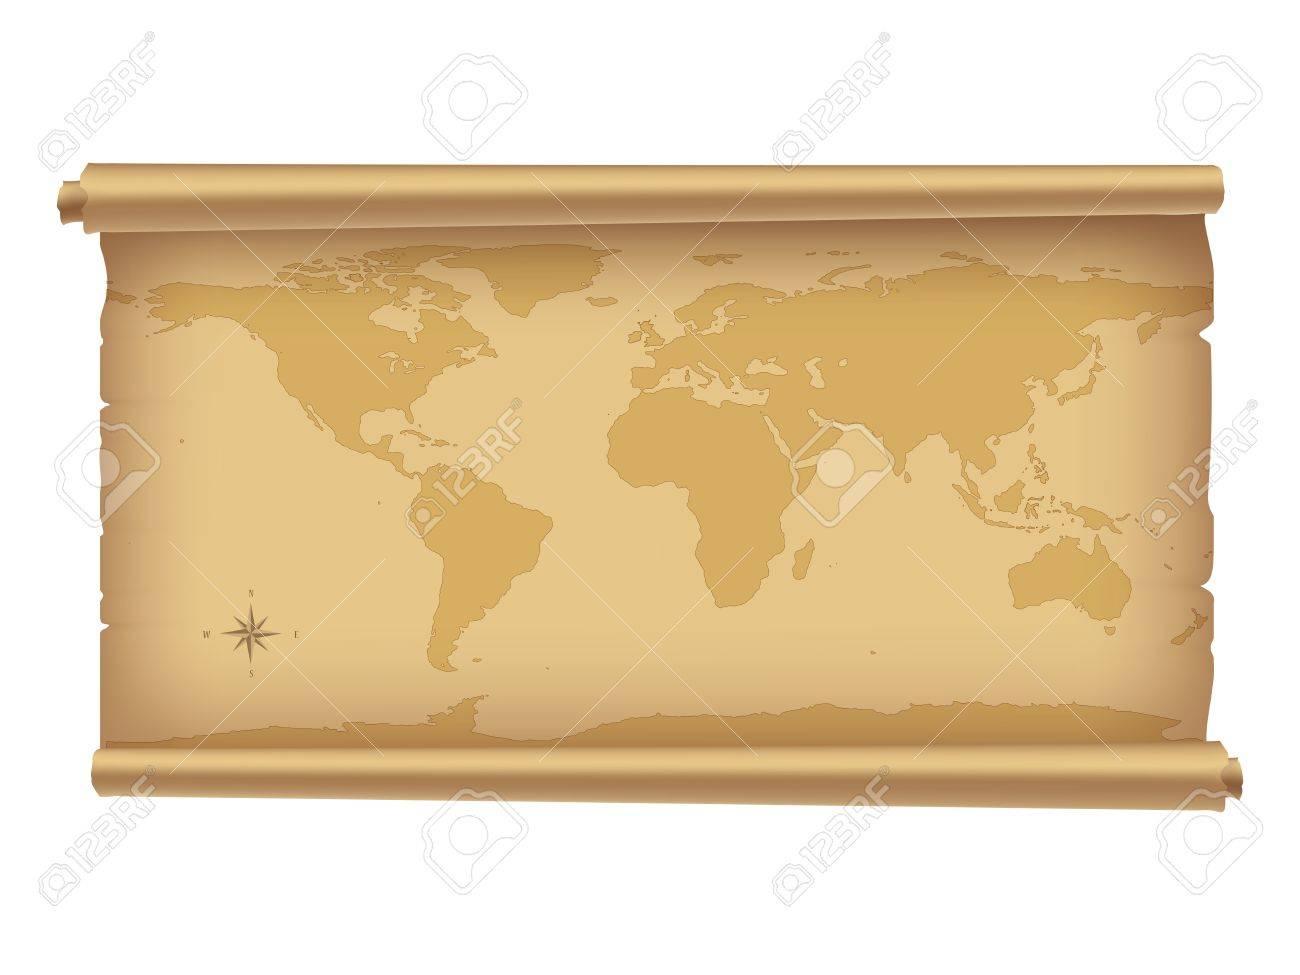 Carte Du Monde Parchemin parchemin avec la carte du monde isolée sur fond blanc. | illustration  vectorielle. | contiennent gradient mesh.